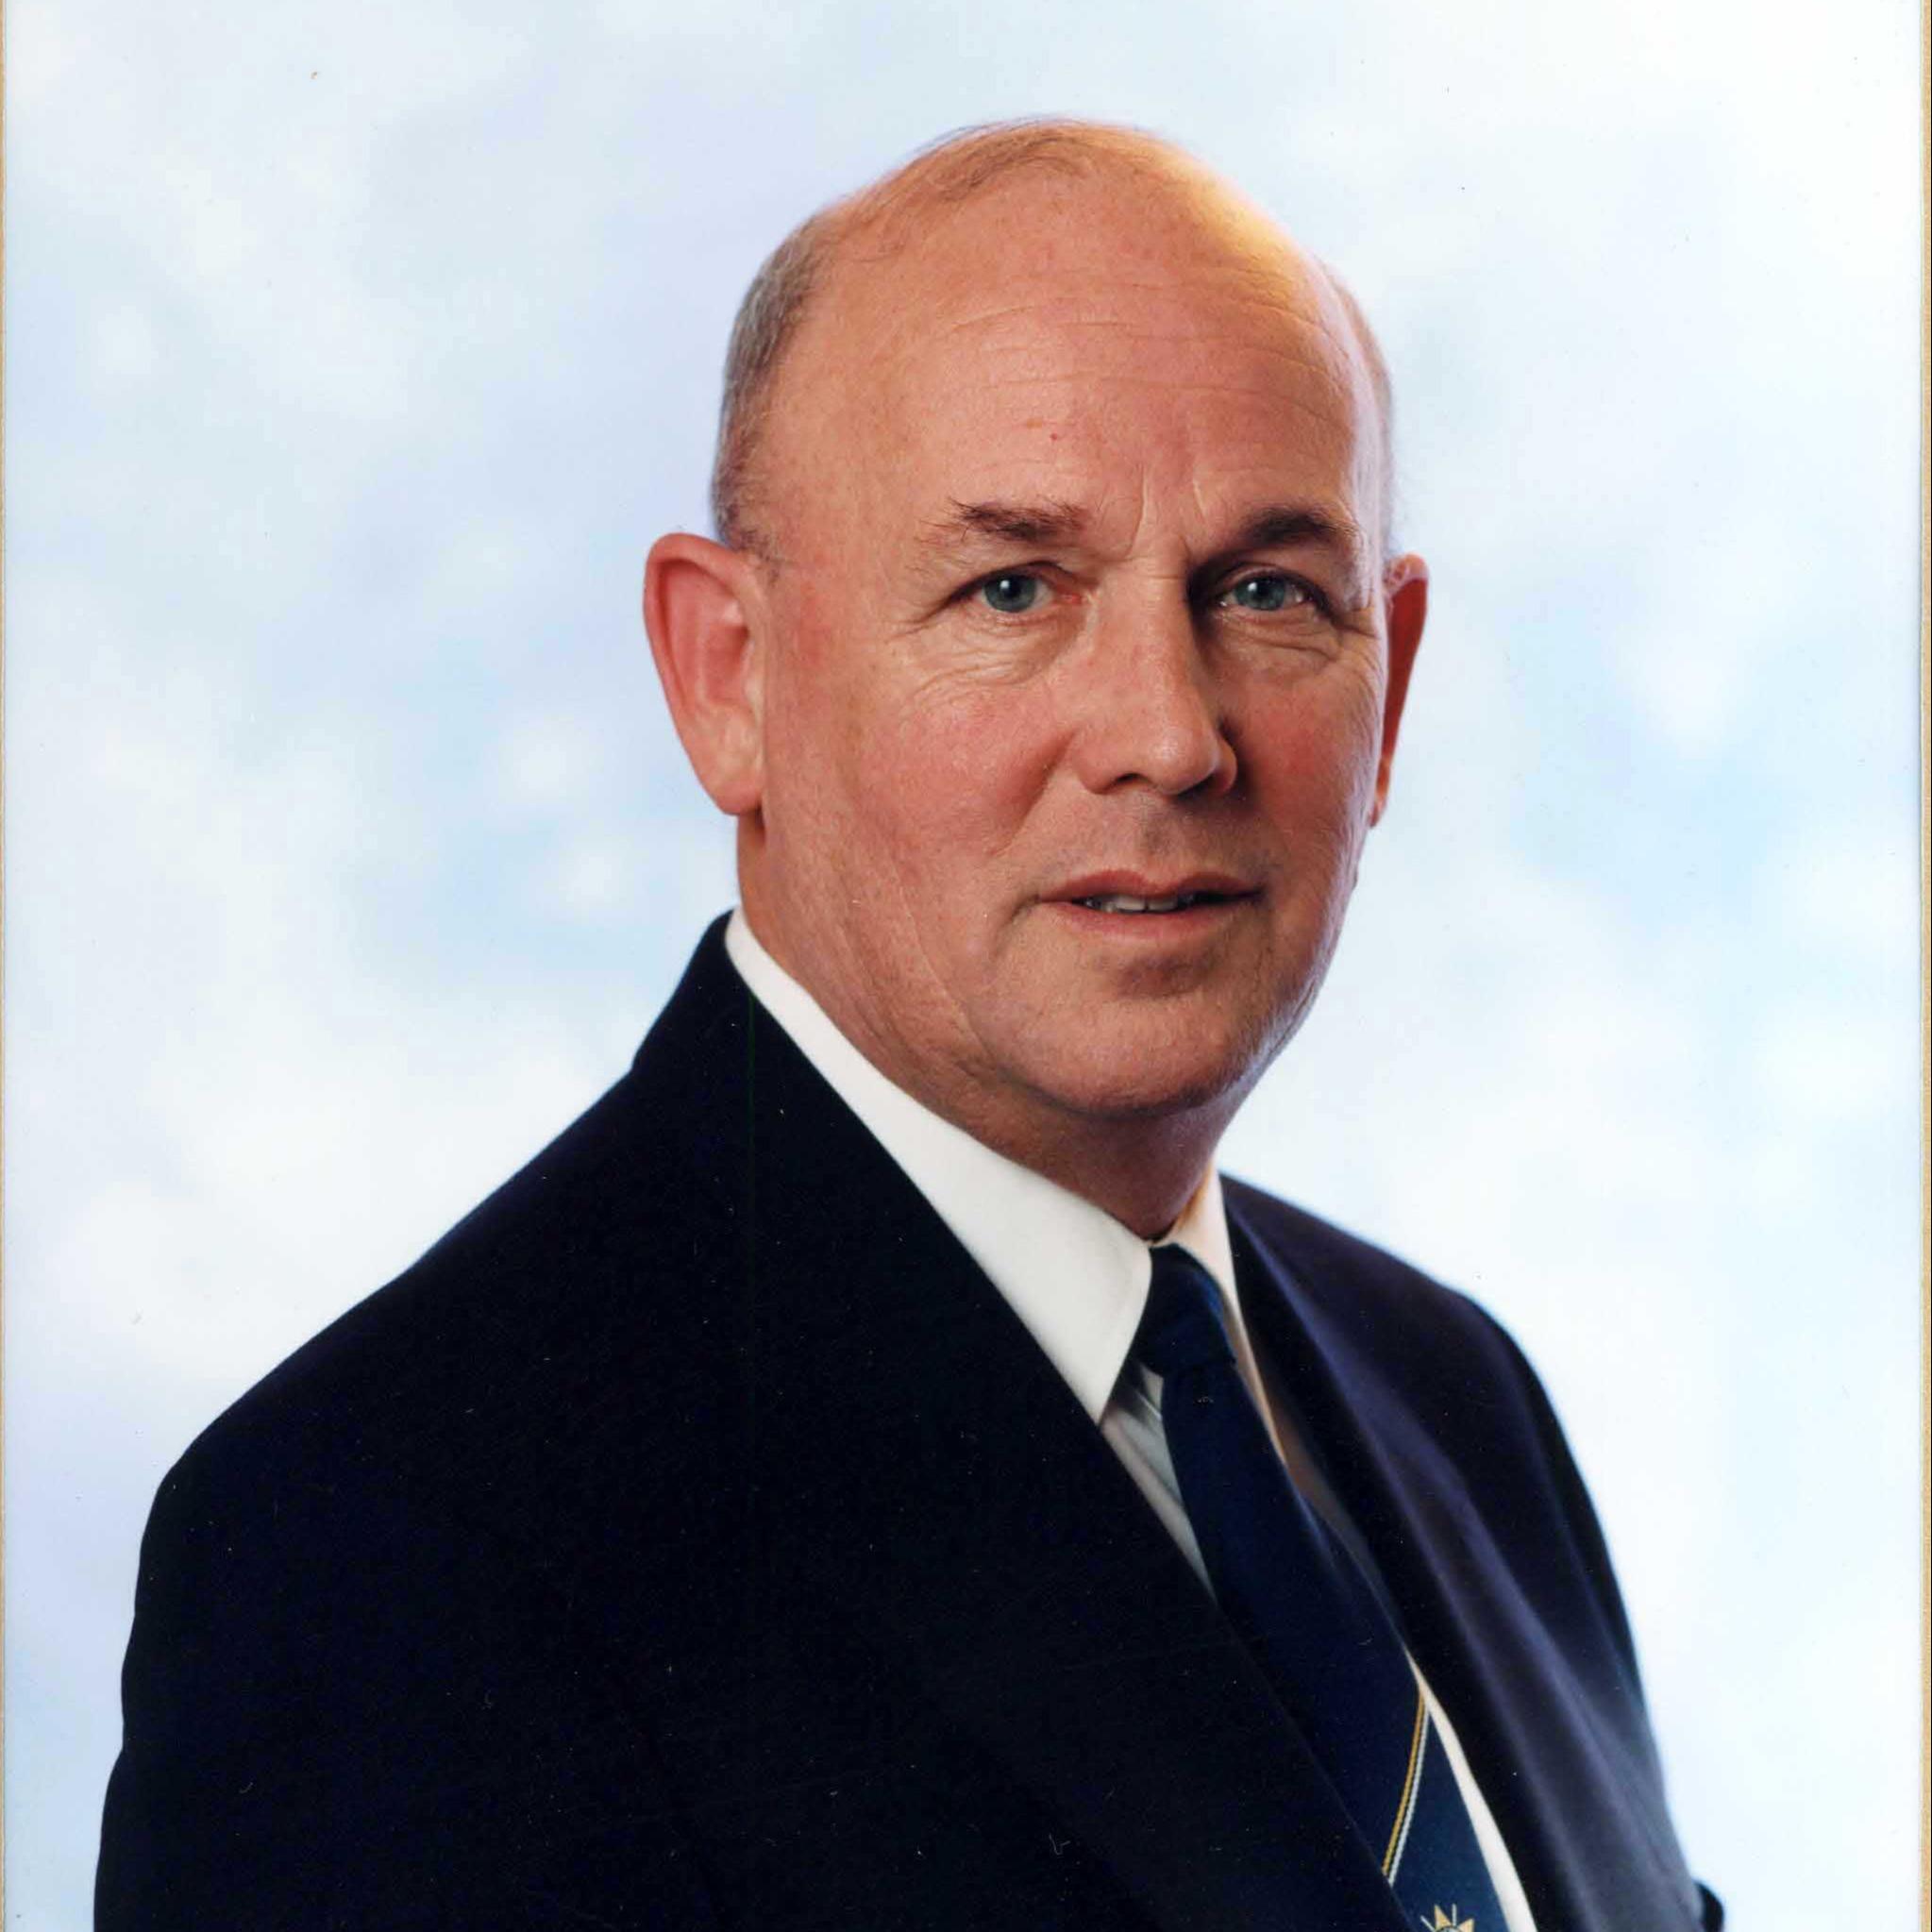 I Corrigan - 2001-2003